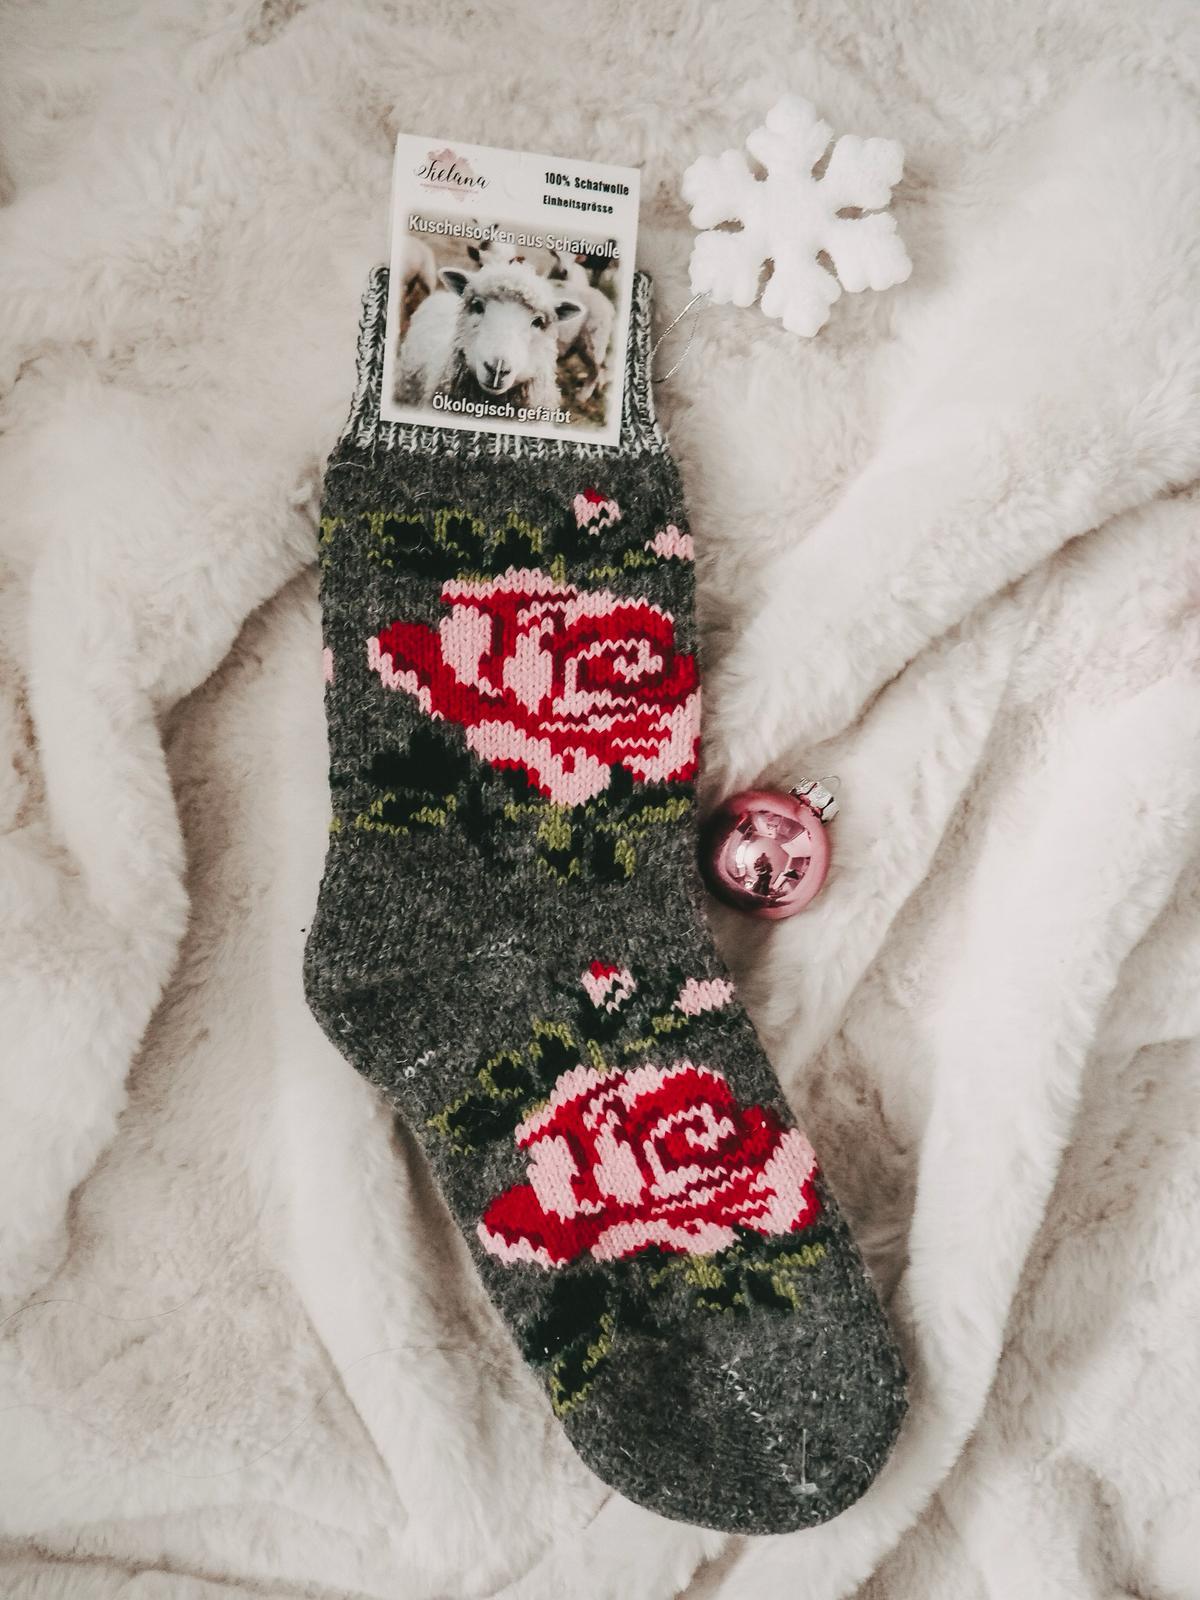 Wollsocken von Fielana Handmade